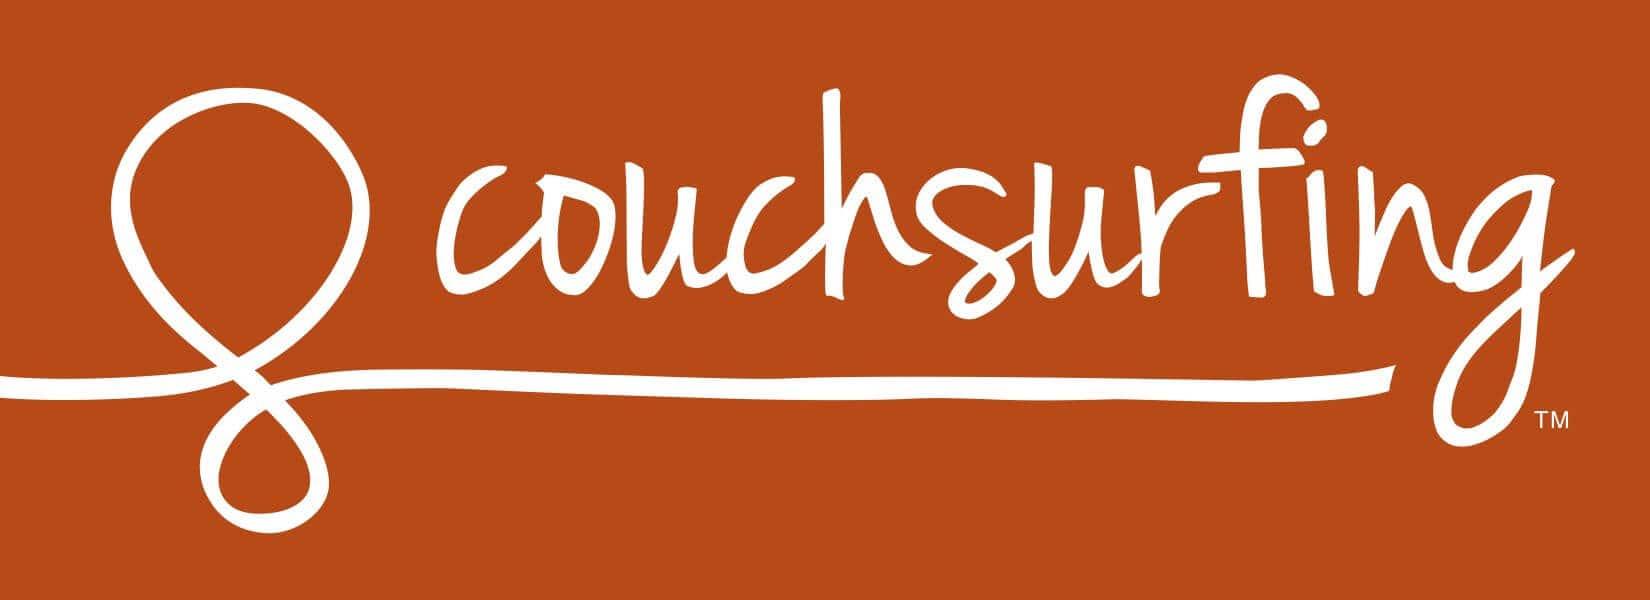 CouchSurfing opportunita scambi culturali